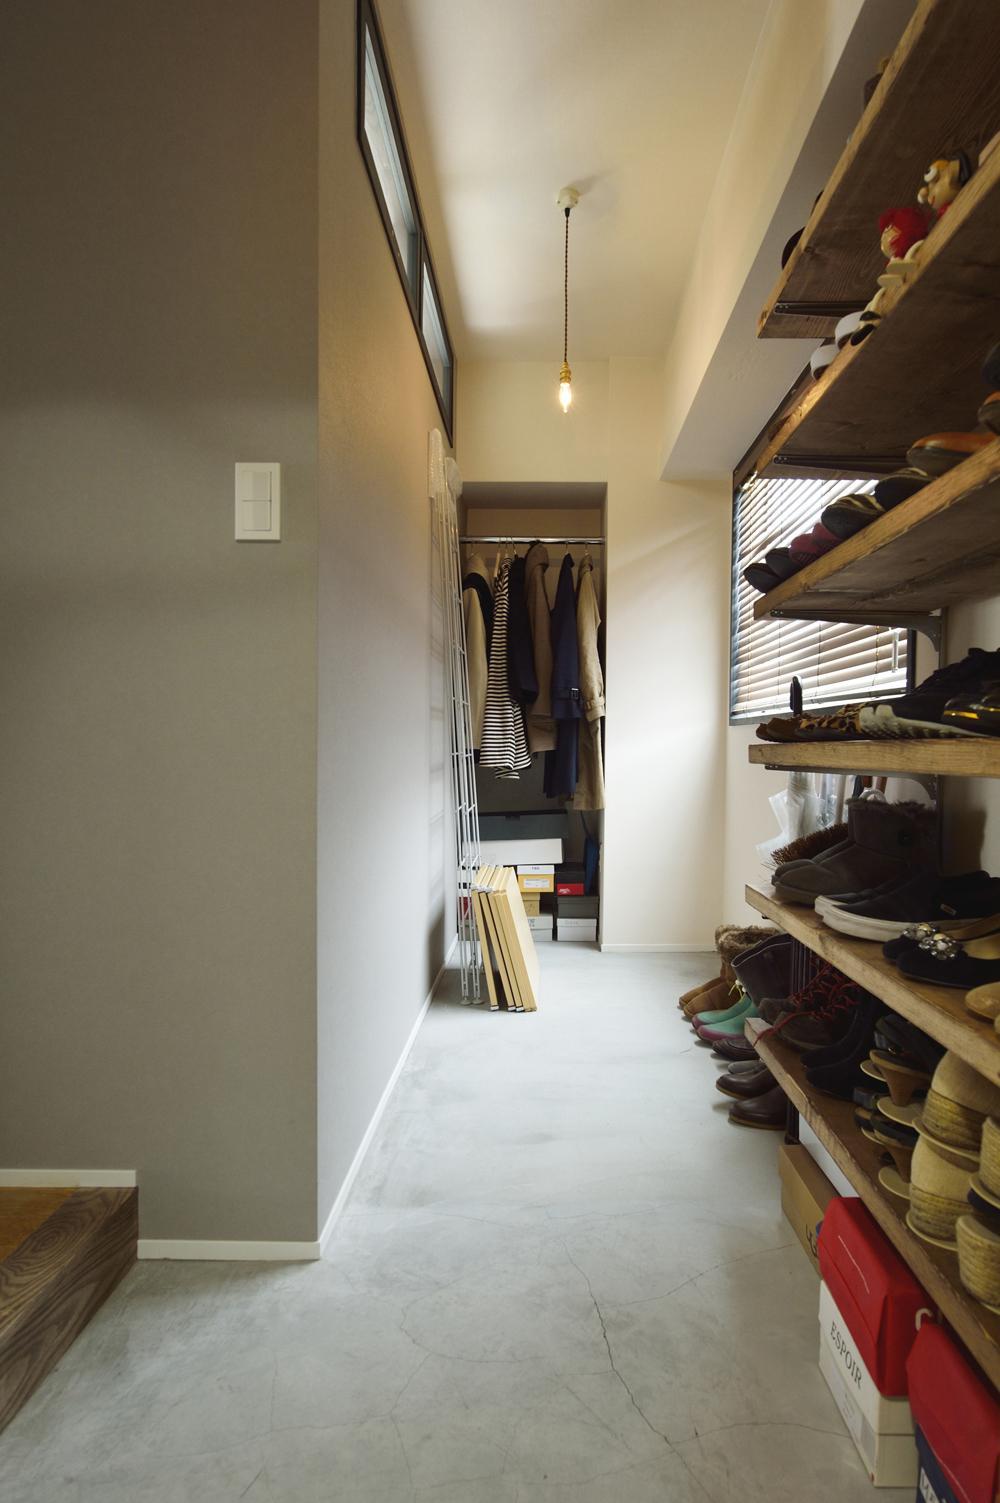 リノベーション・リフォーム会社:スタイル工房「K邸・ビンテージマンションを自分色に」